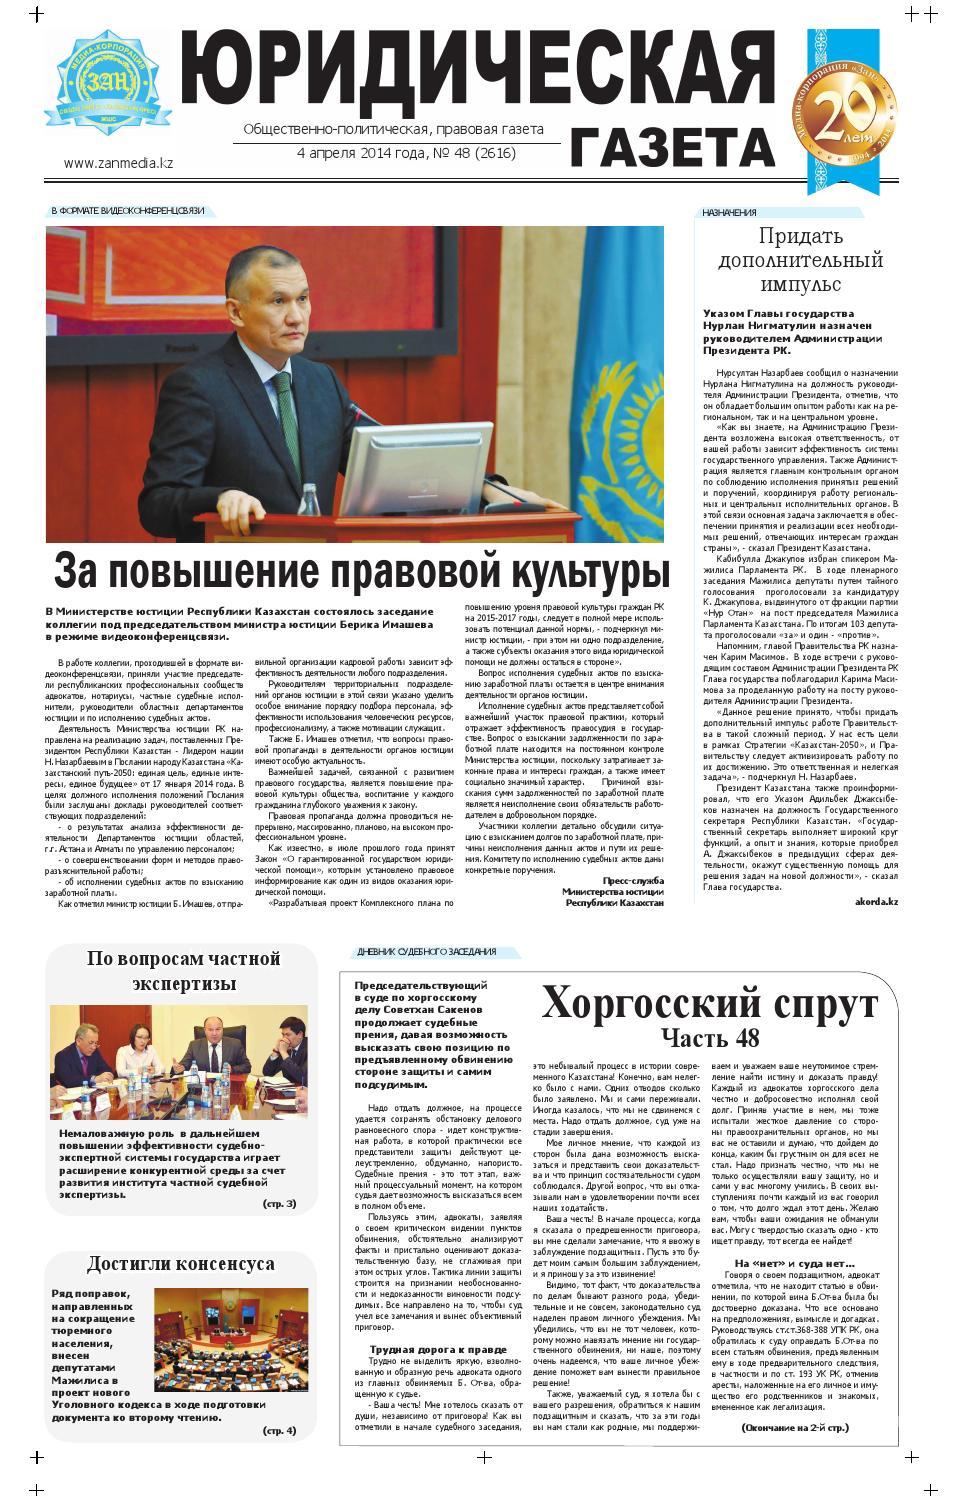 Наследство в россии для граждан казахстана